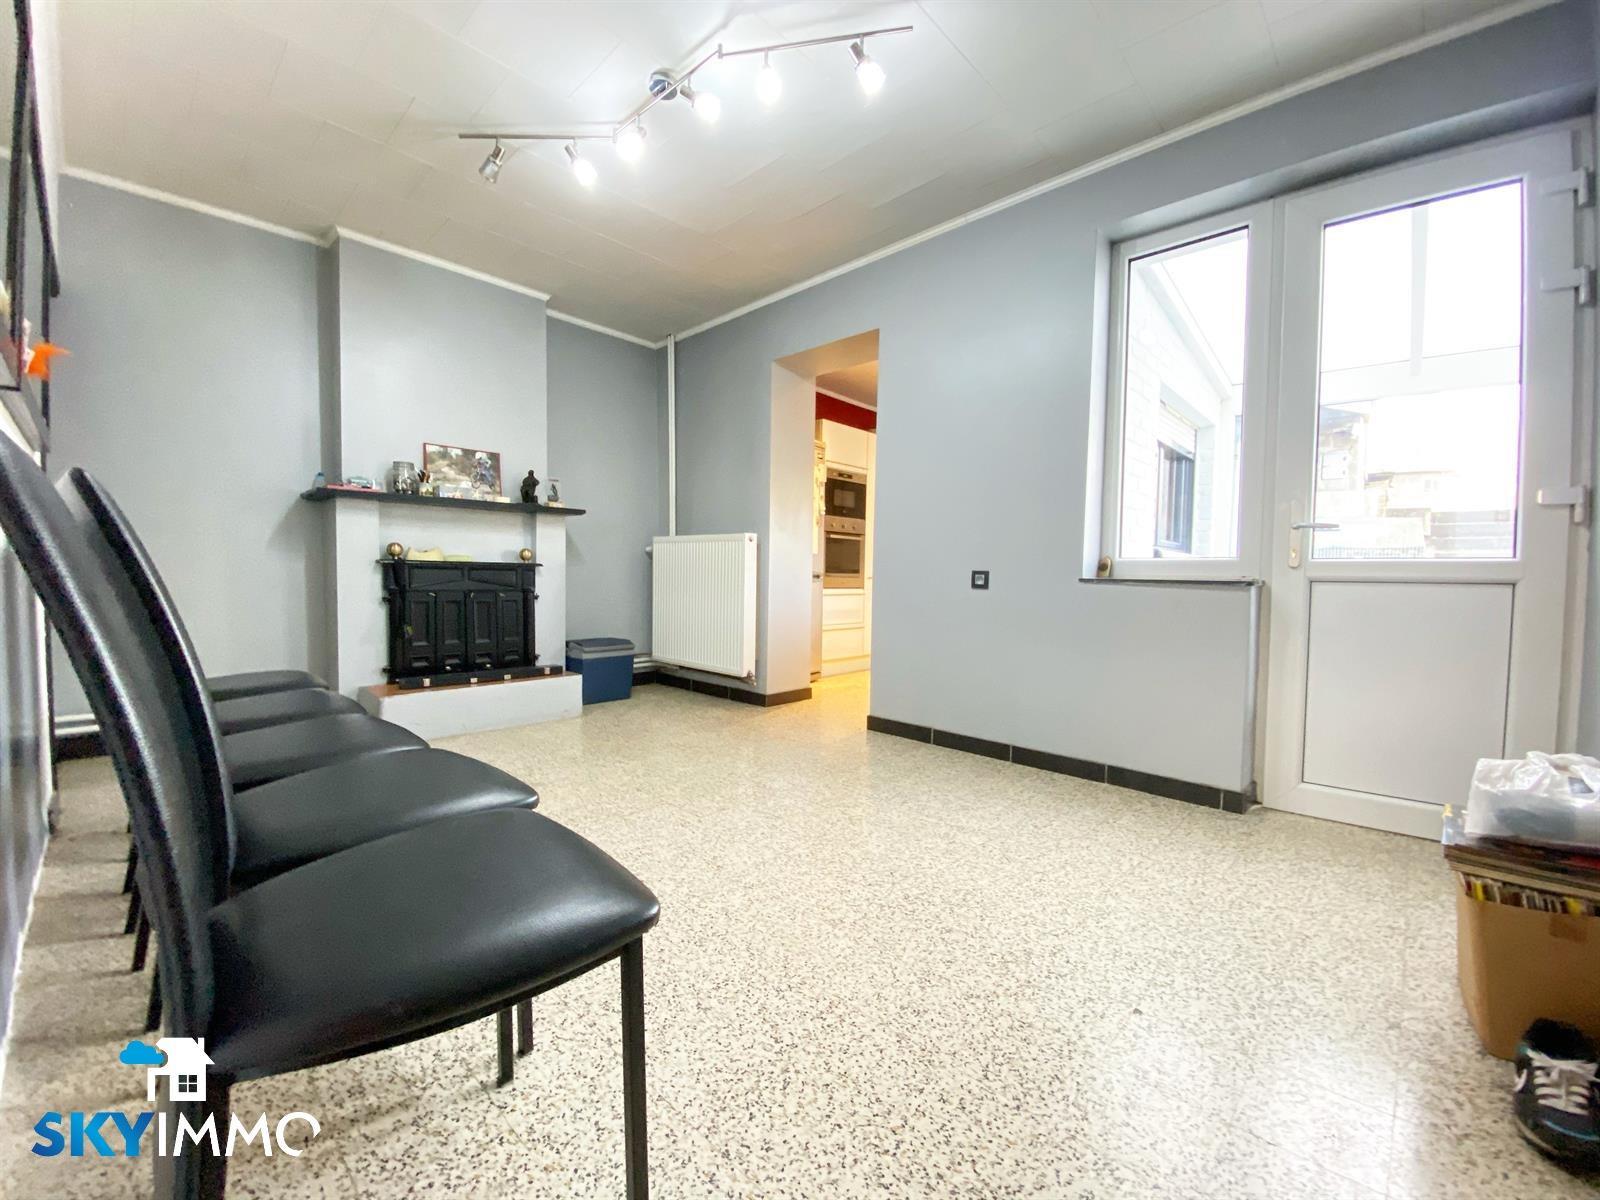 Huis - Saint-Nicolas - #4287983-4